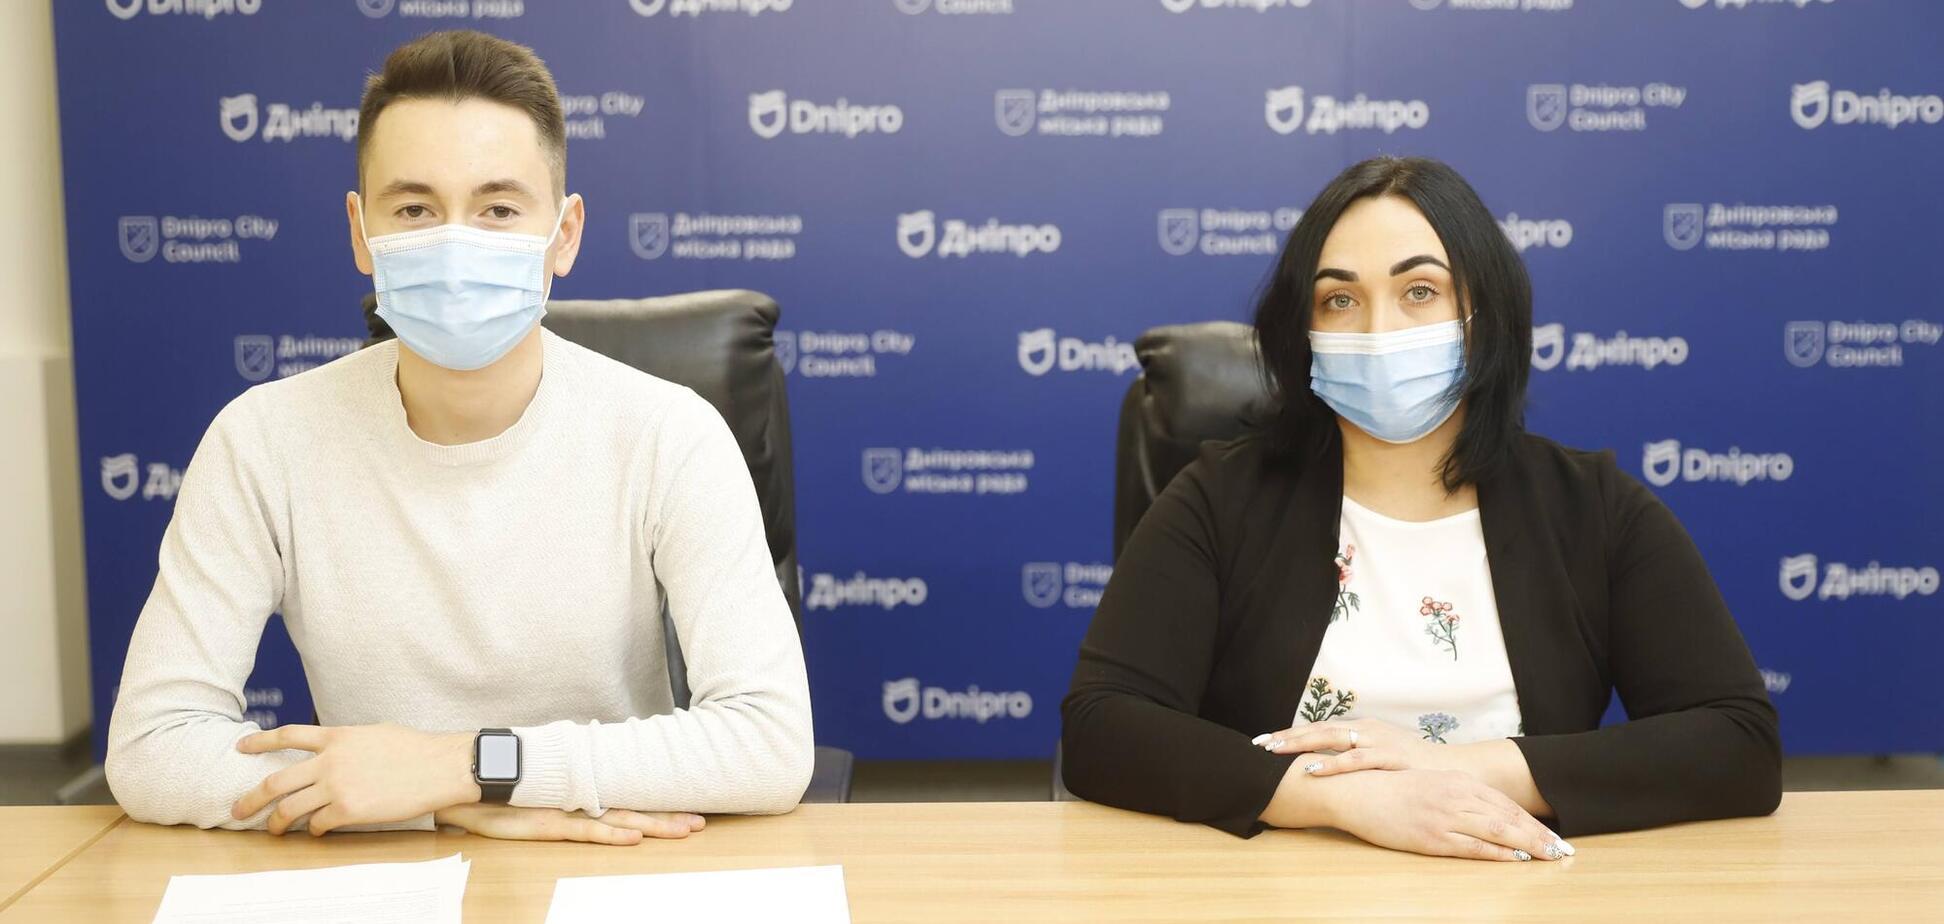 В Днепровском горсовете сообщили, что 40 тыс. Школьников получили новые ученические билеты